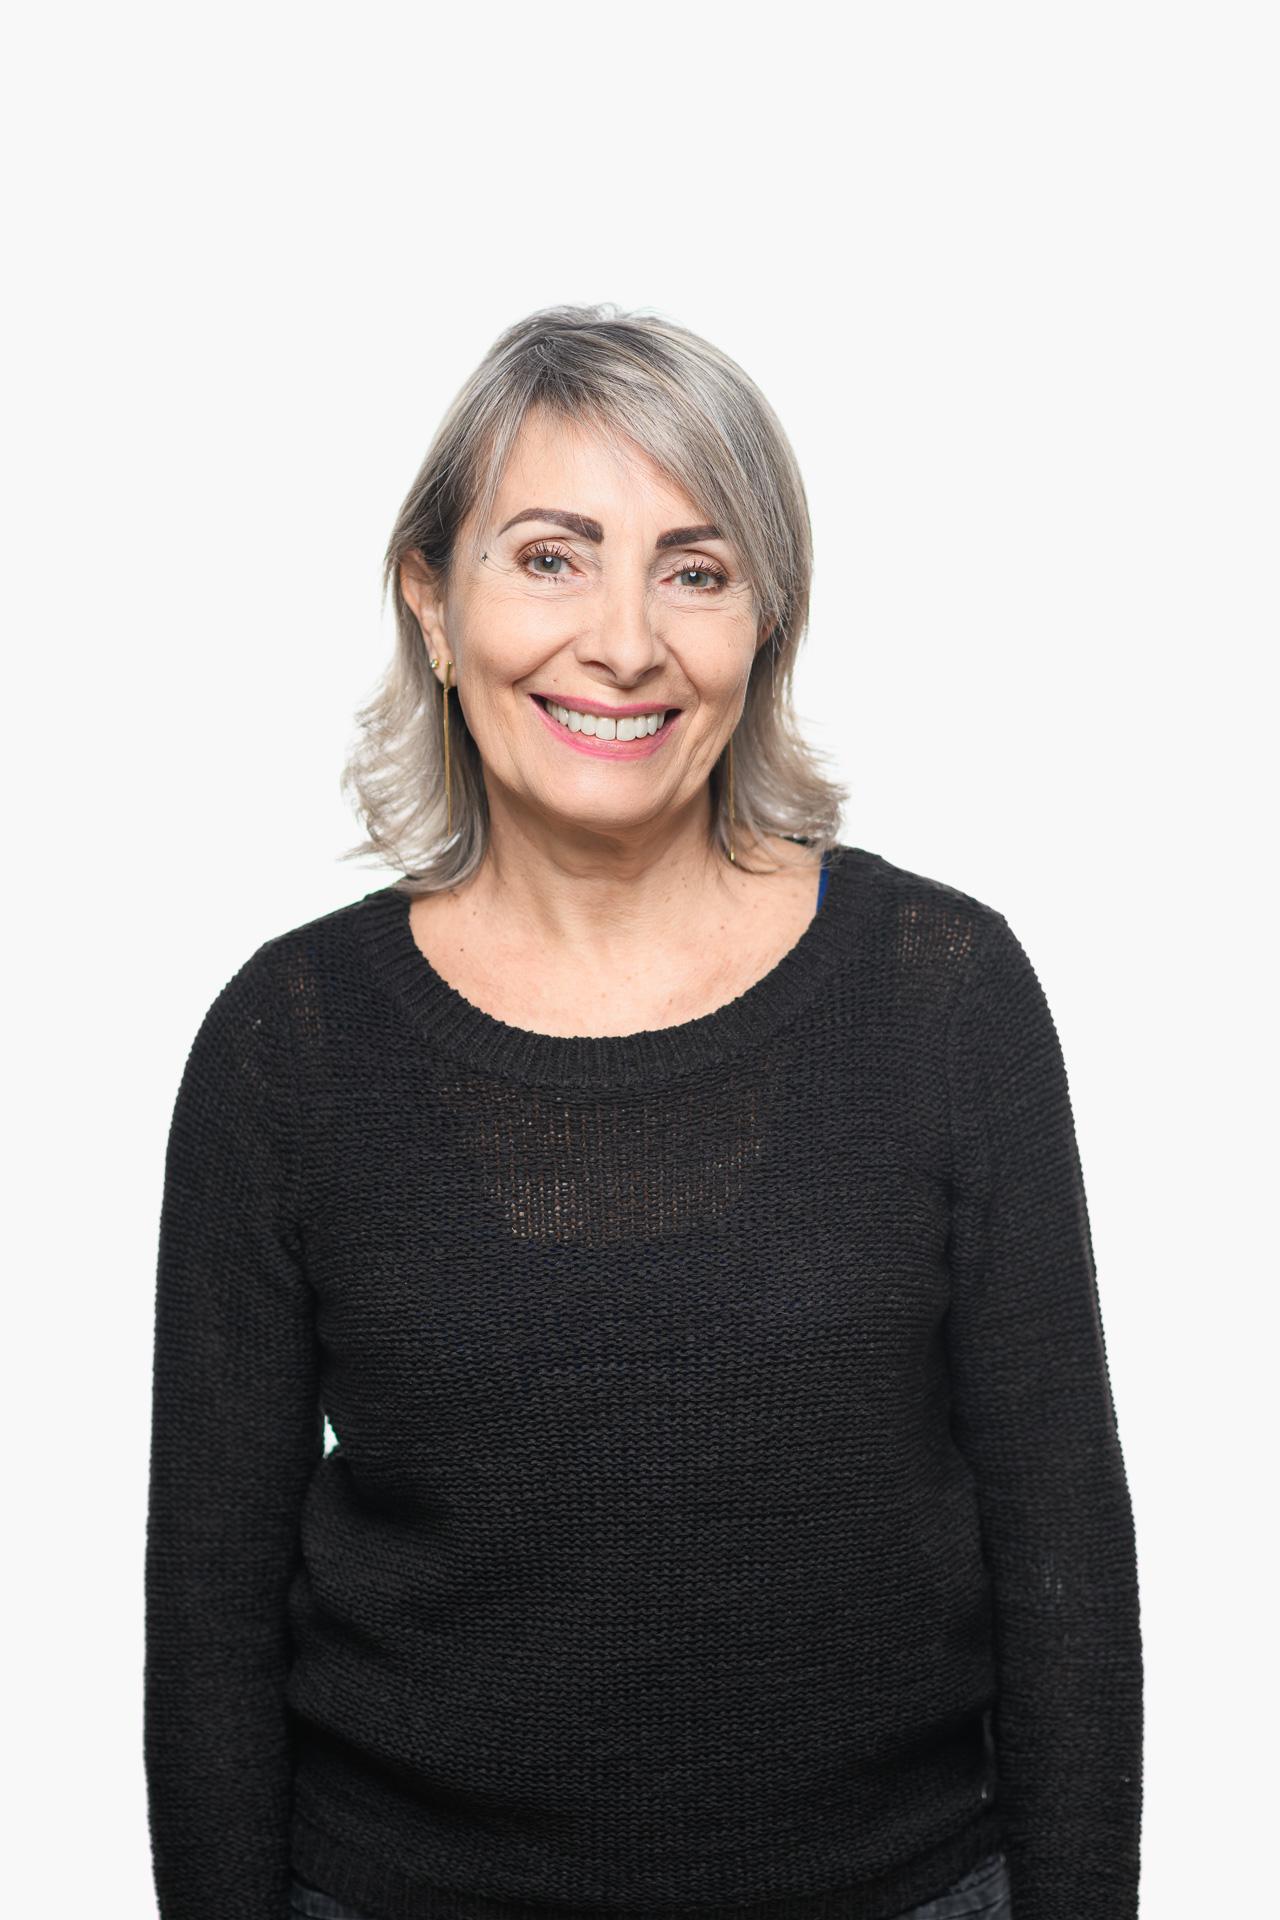 Aurélien AUDY photographe LYON - portrait entreprise election